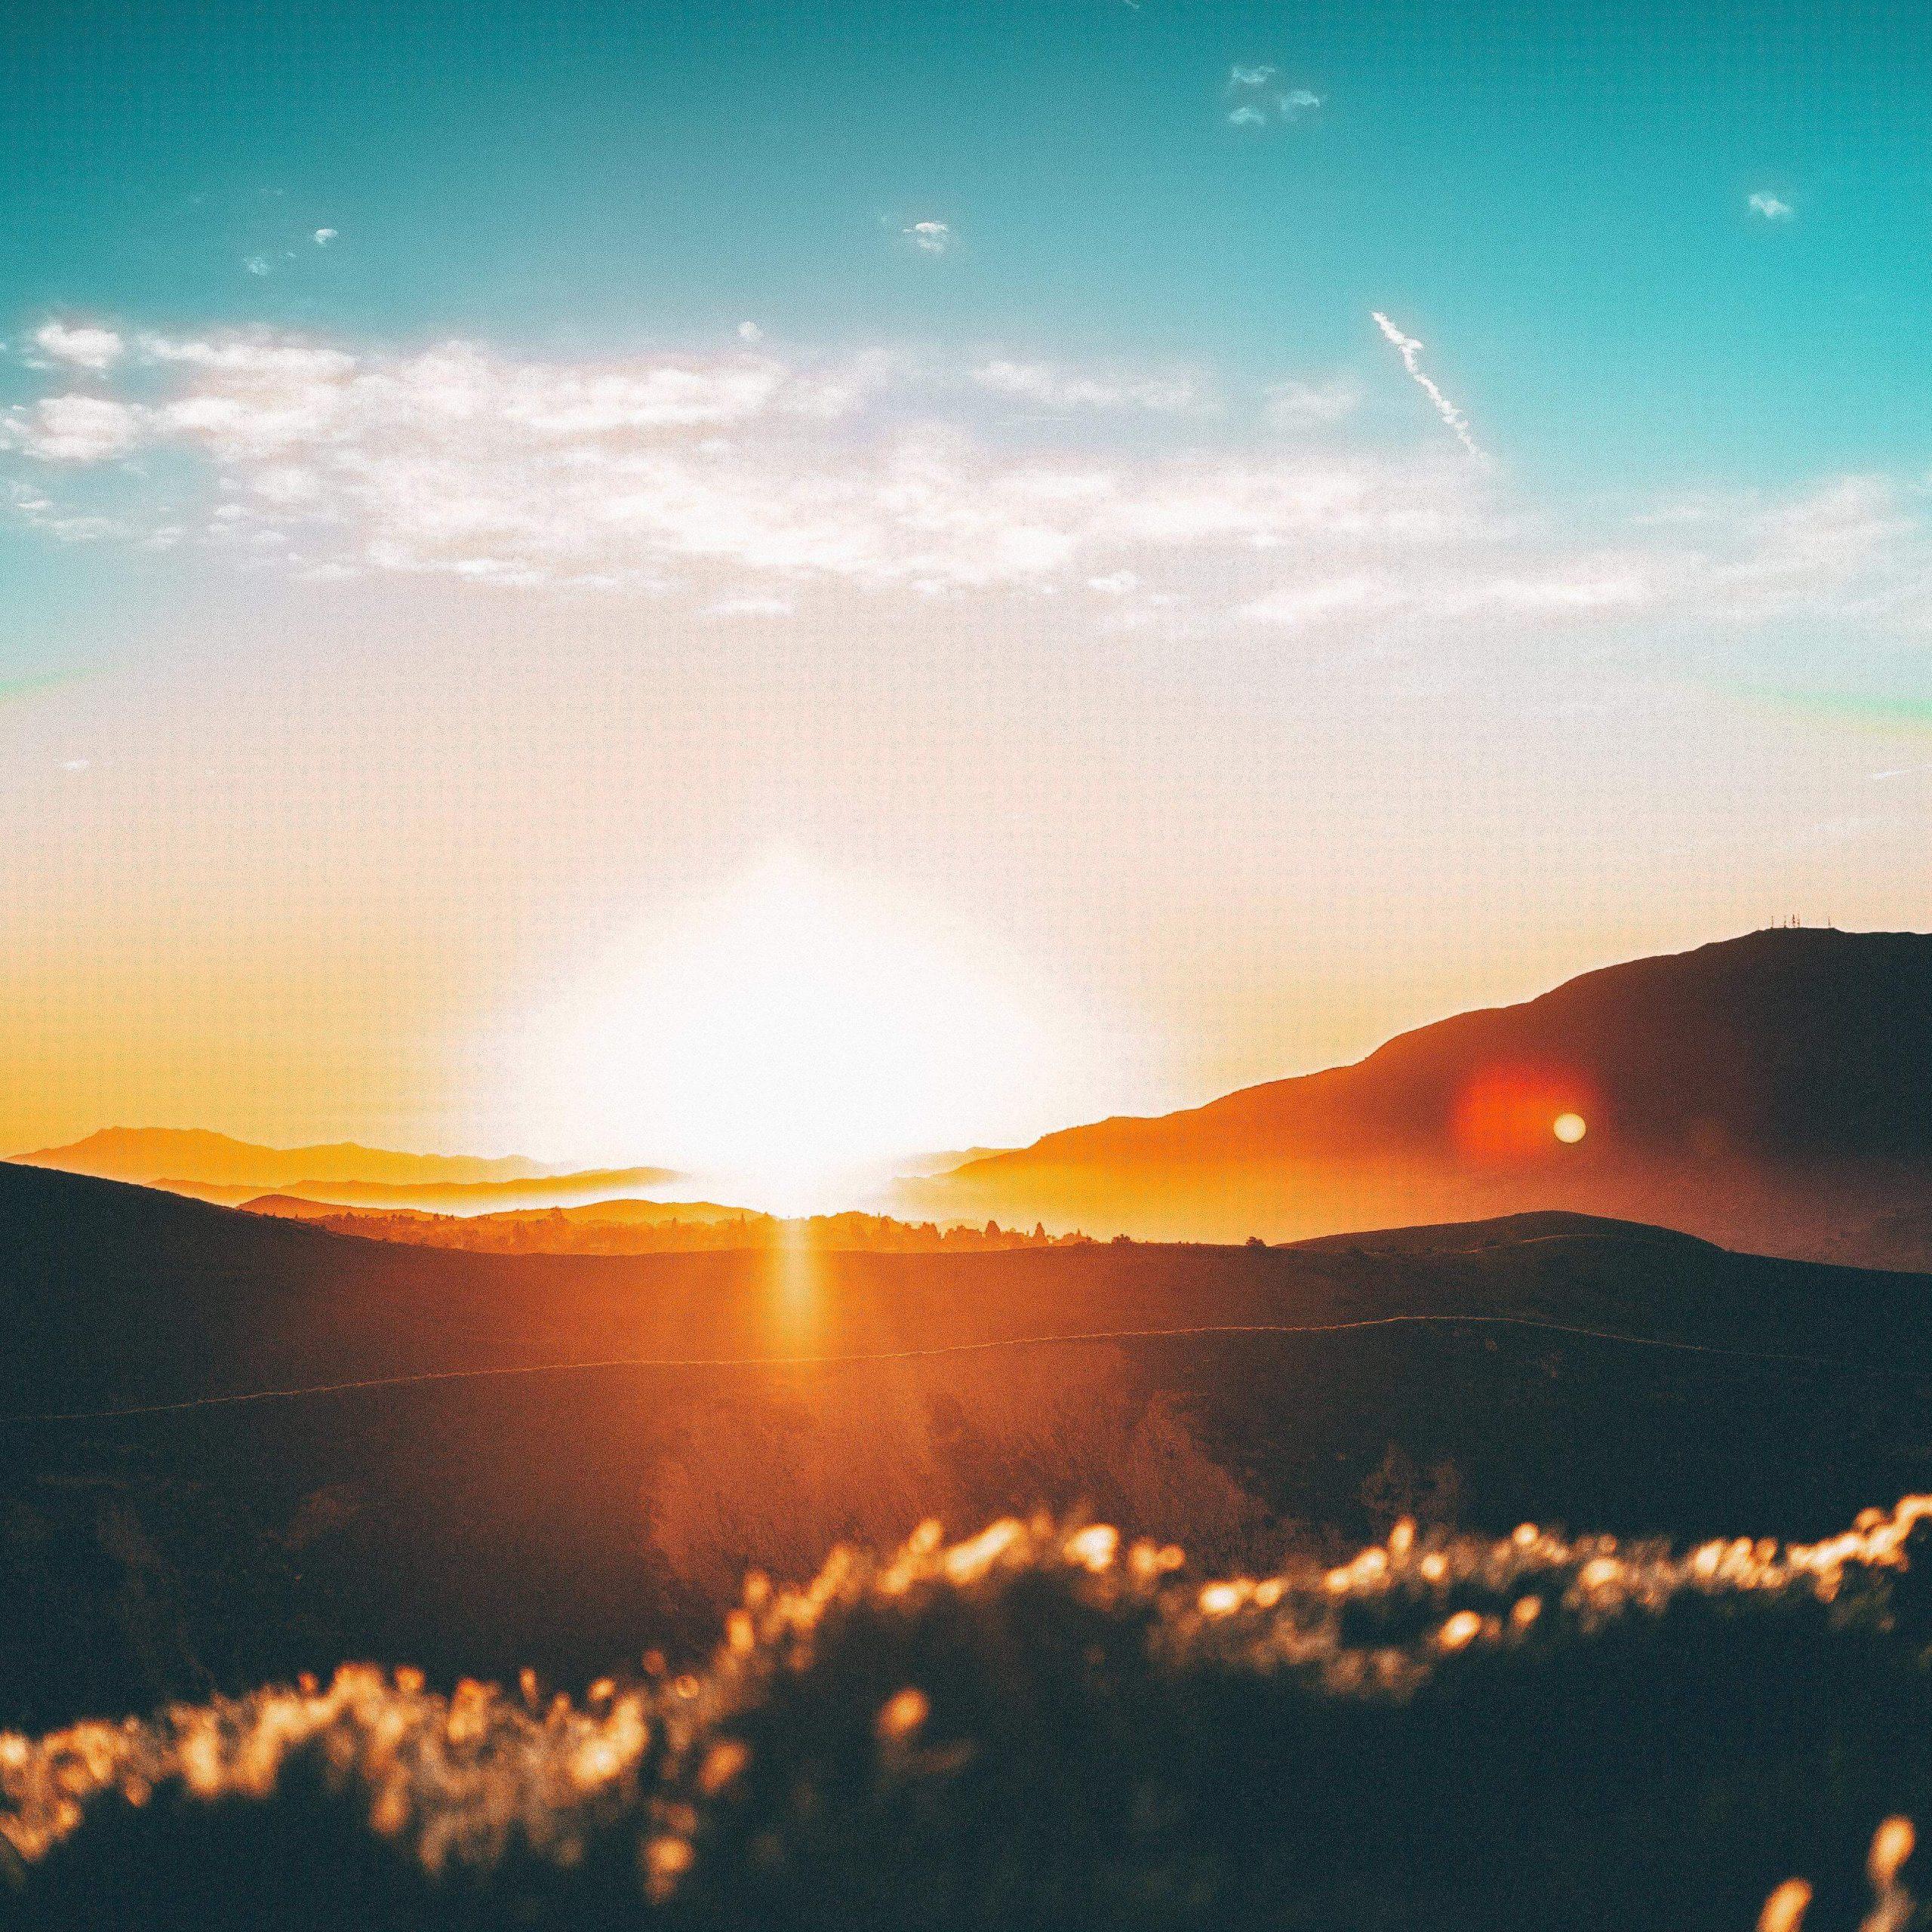 Solens alla strålar